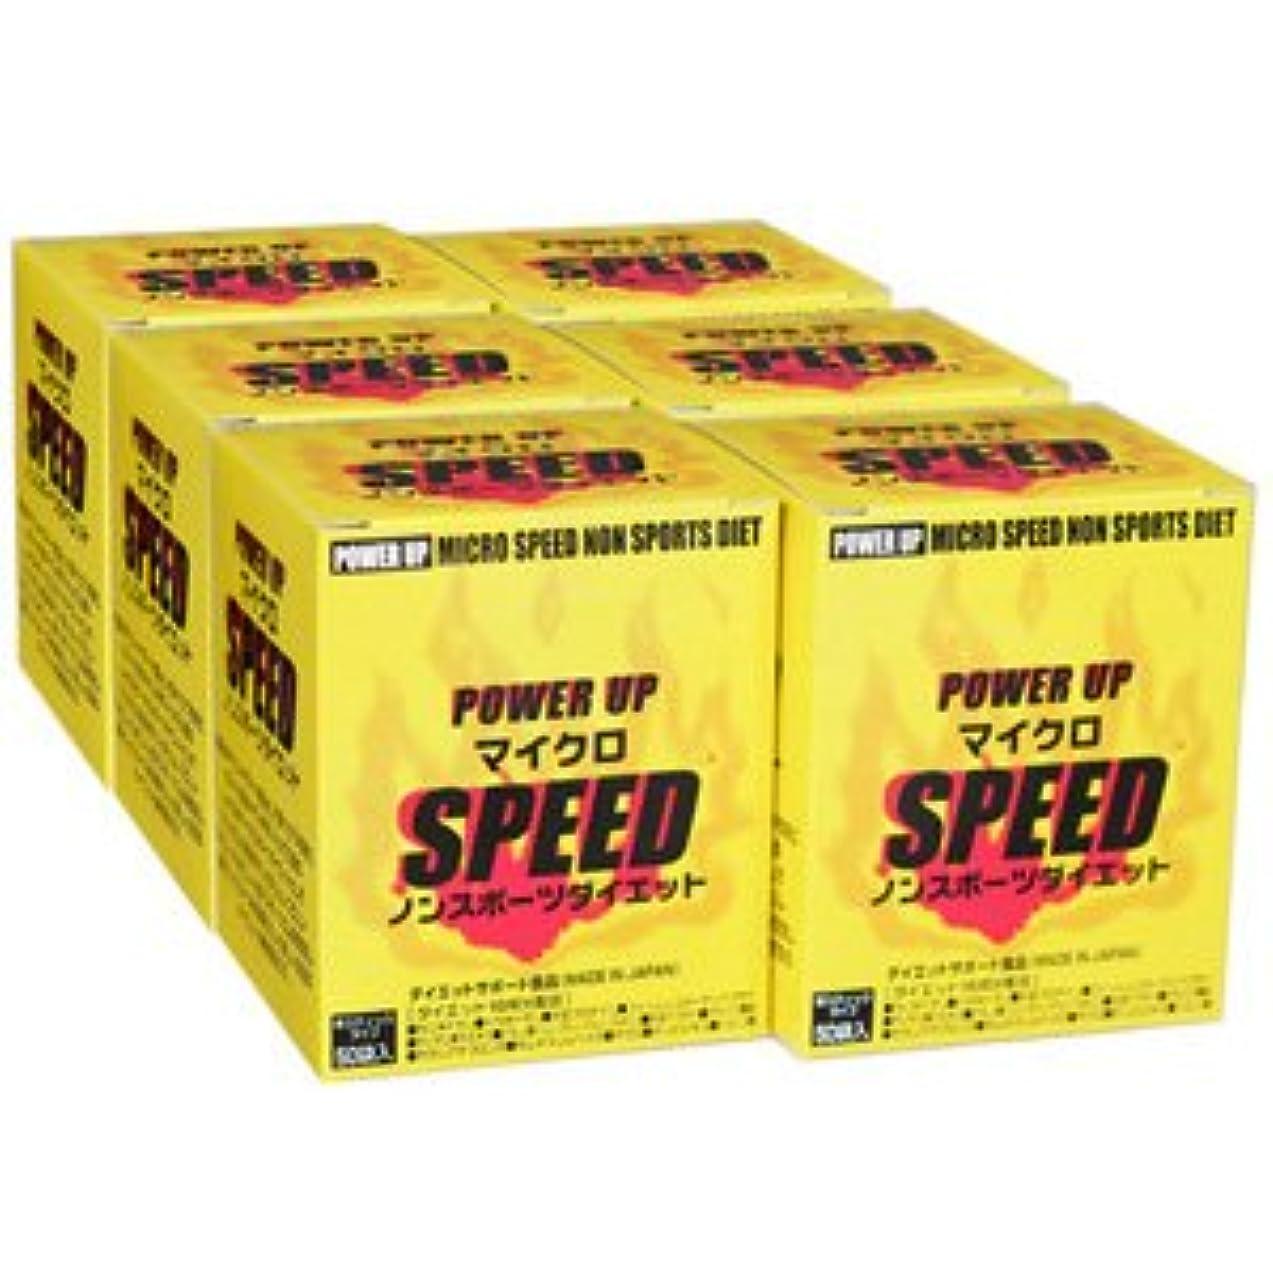 逆説地雷原意識的マイクロスピードノンスポーツダイエット 6箱